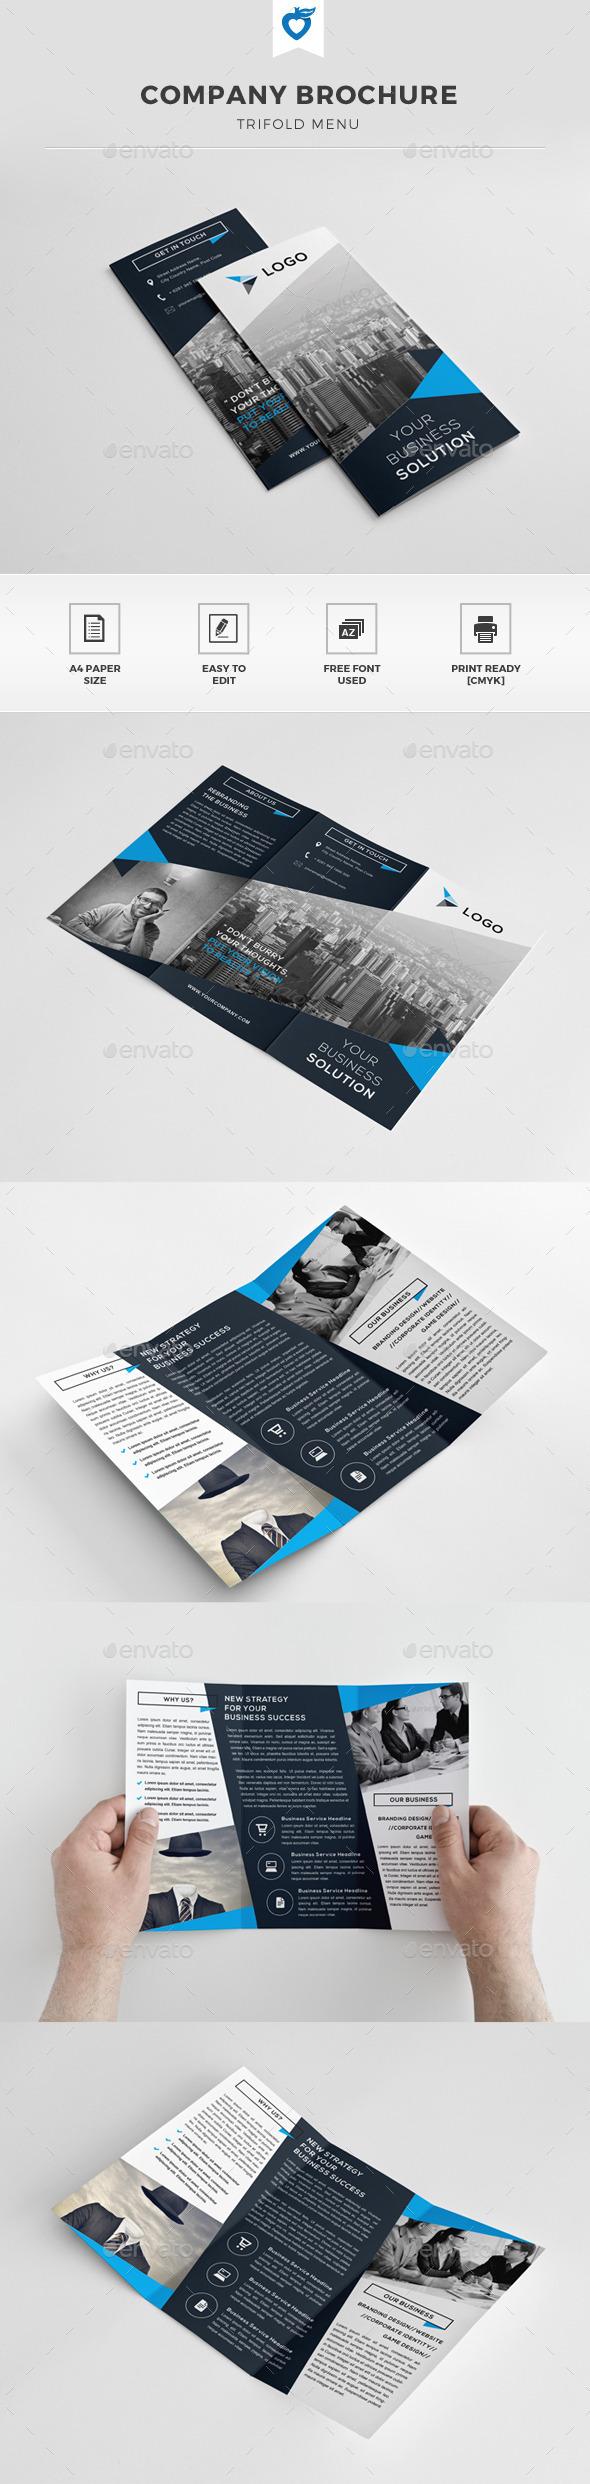 GraphicRiver Company Trifold Brochure 11251088